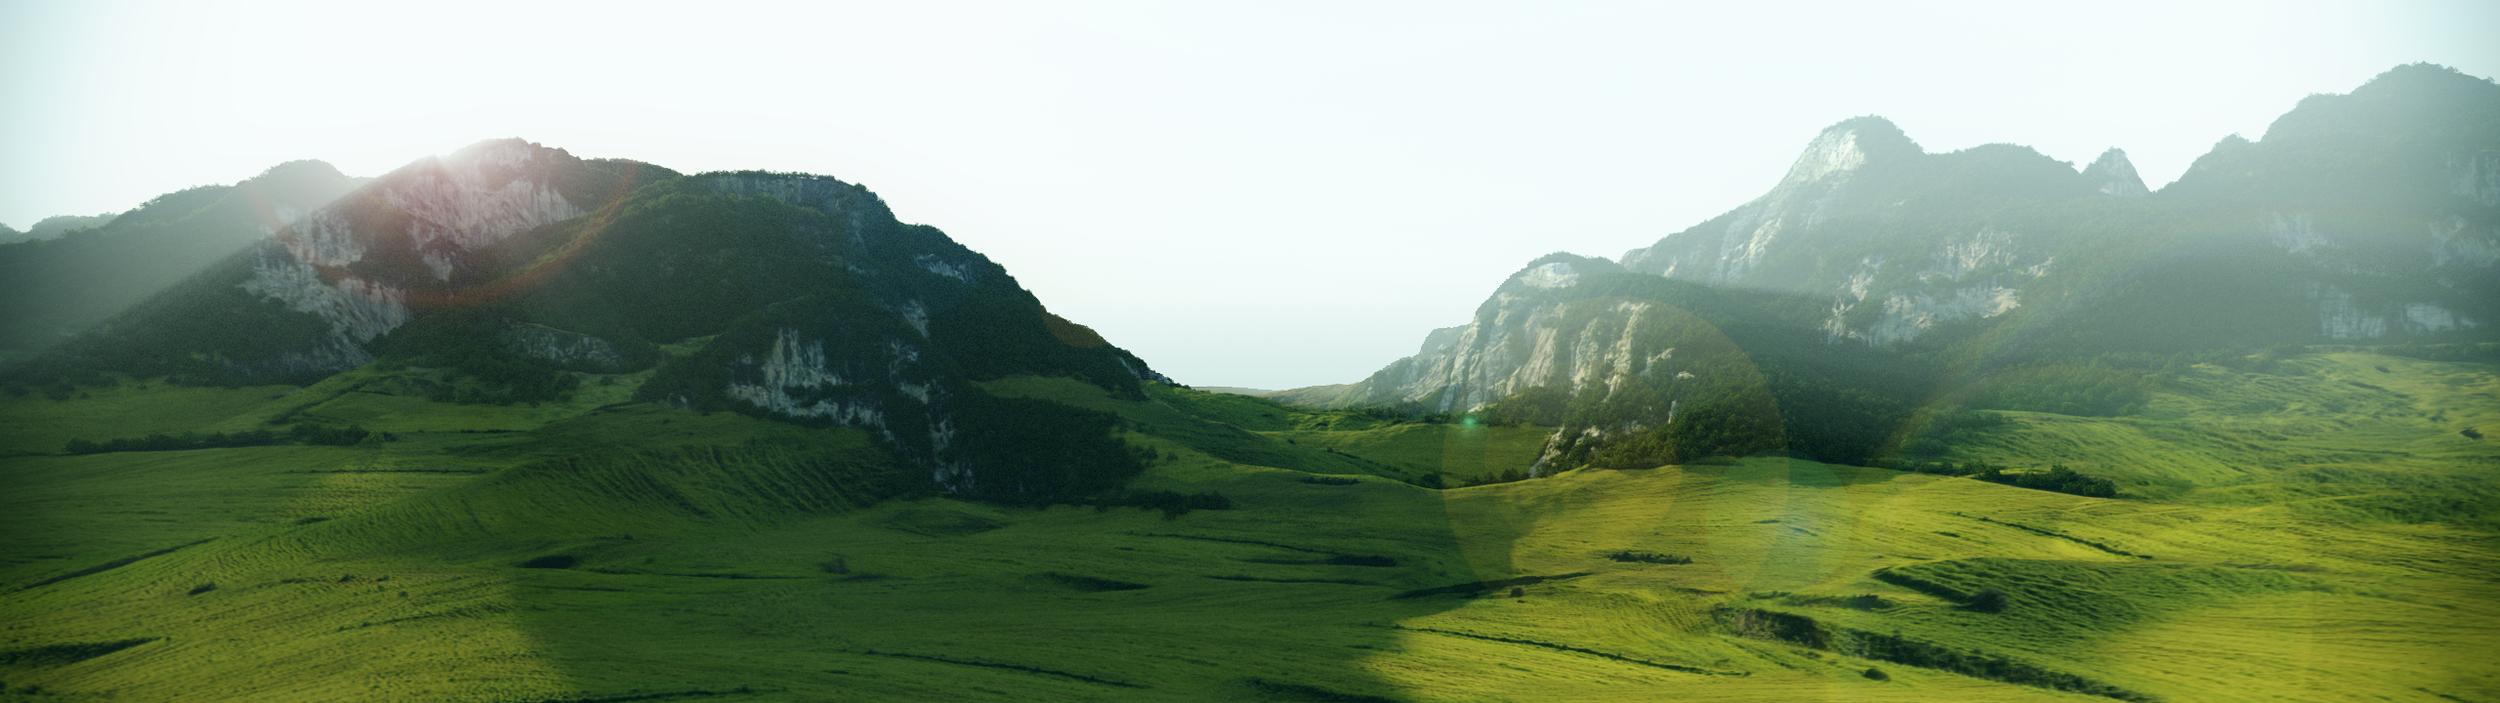 Fantastic Landscape